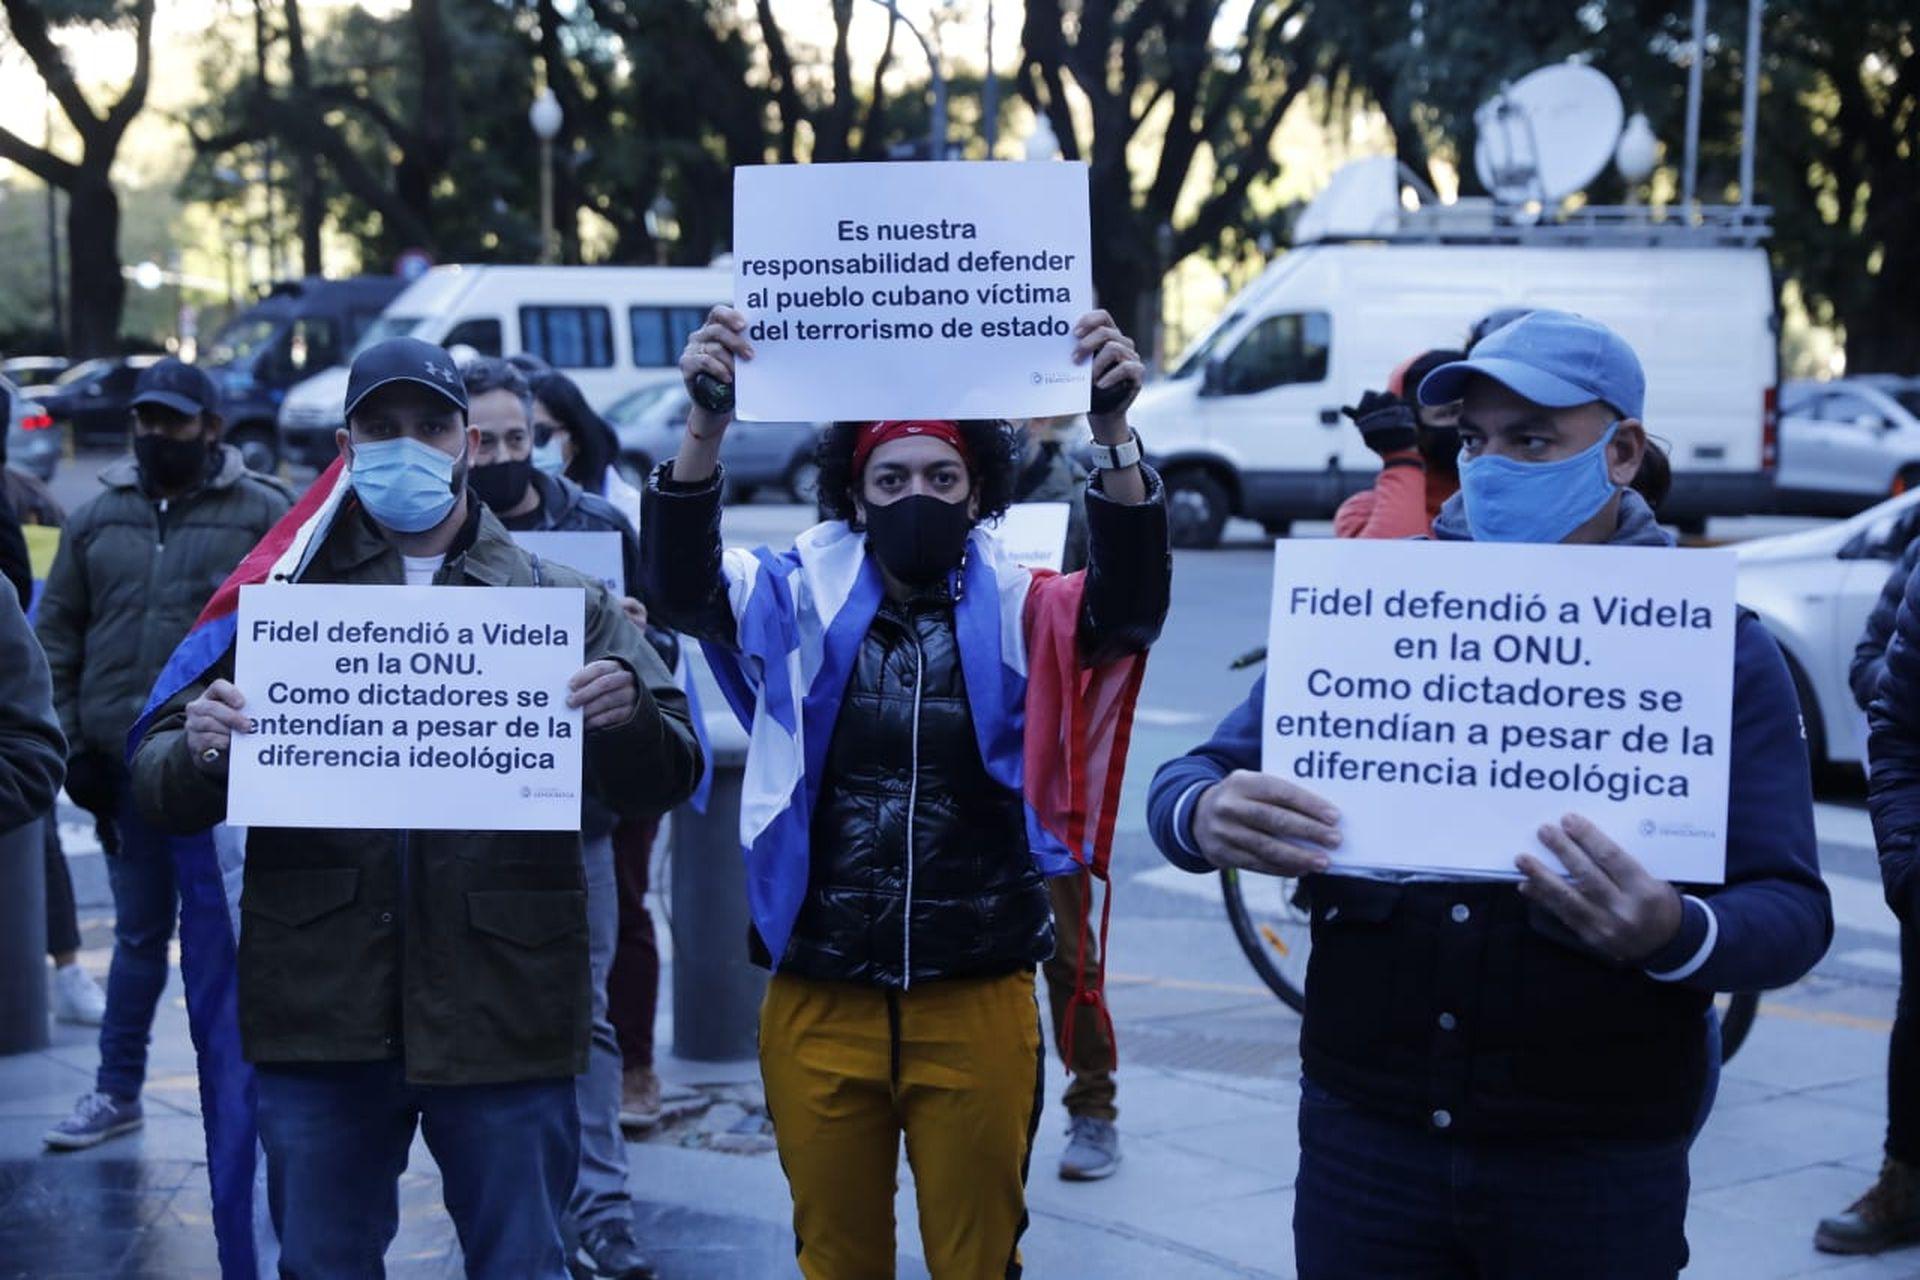 La protesta de cubanos frente de la Cancillería del domingo pasado fue la cuarta manifestación de la semana